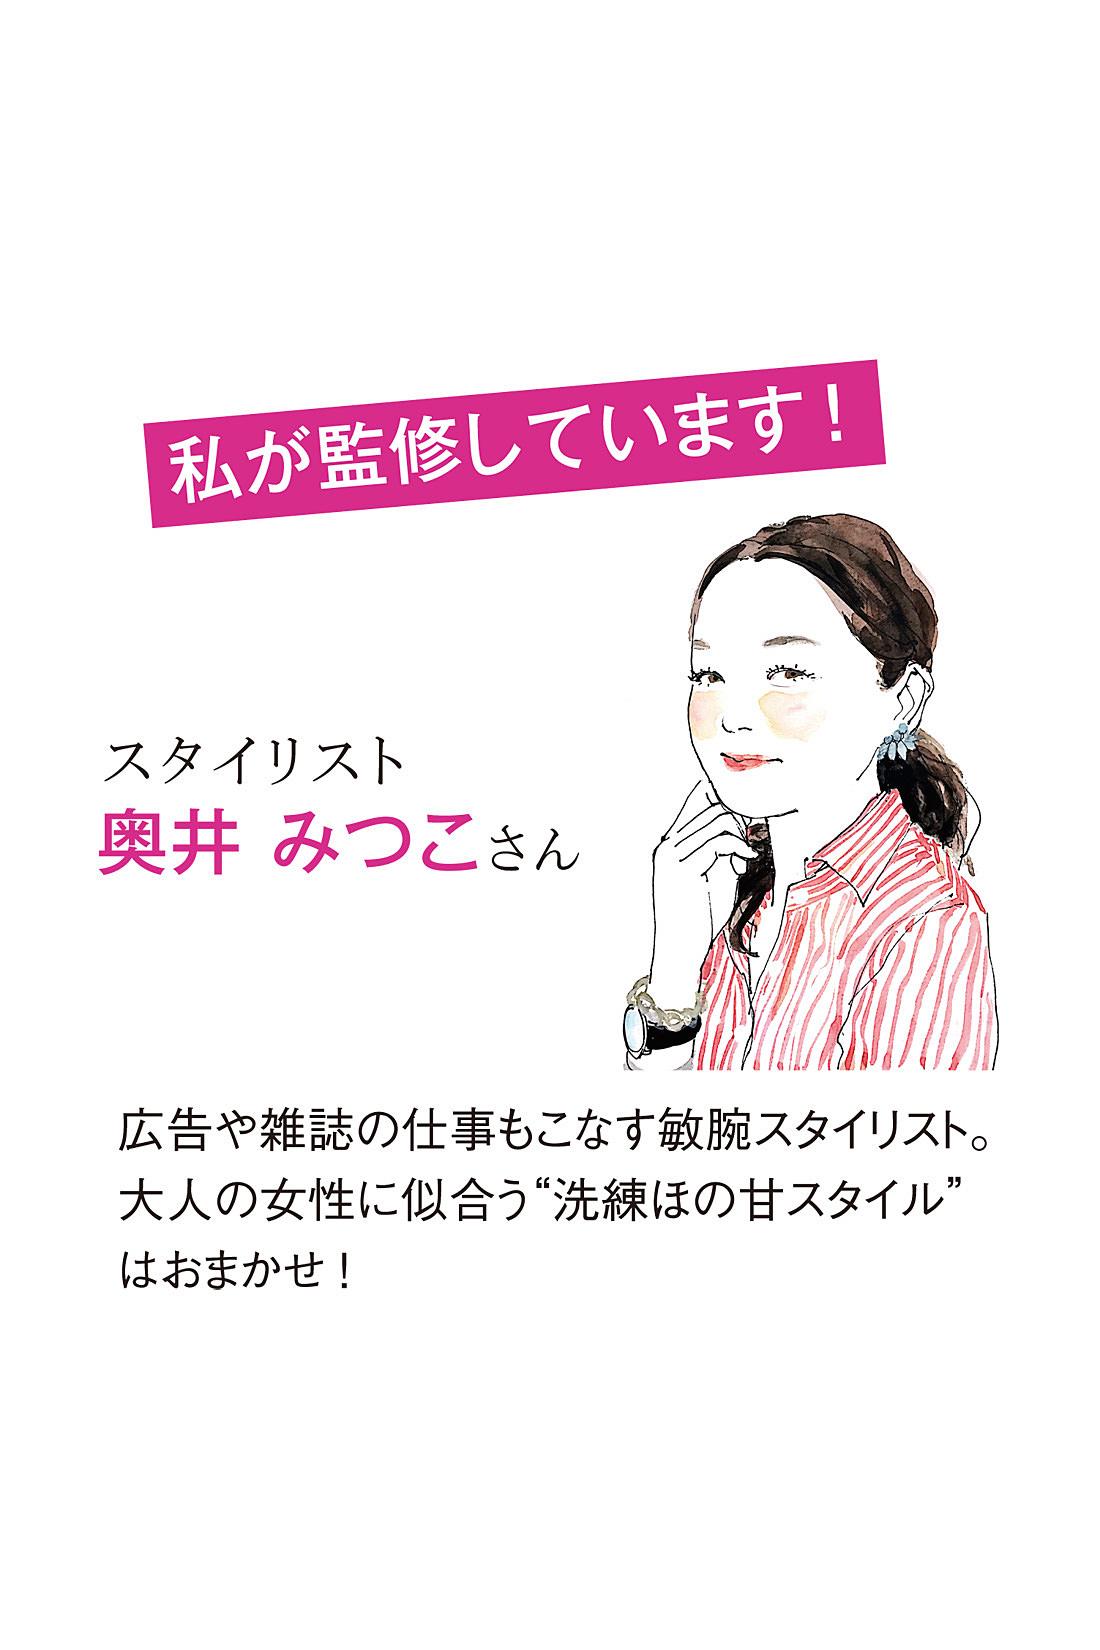 スタイリスト 奥井みつこさん